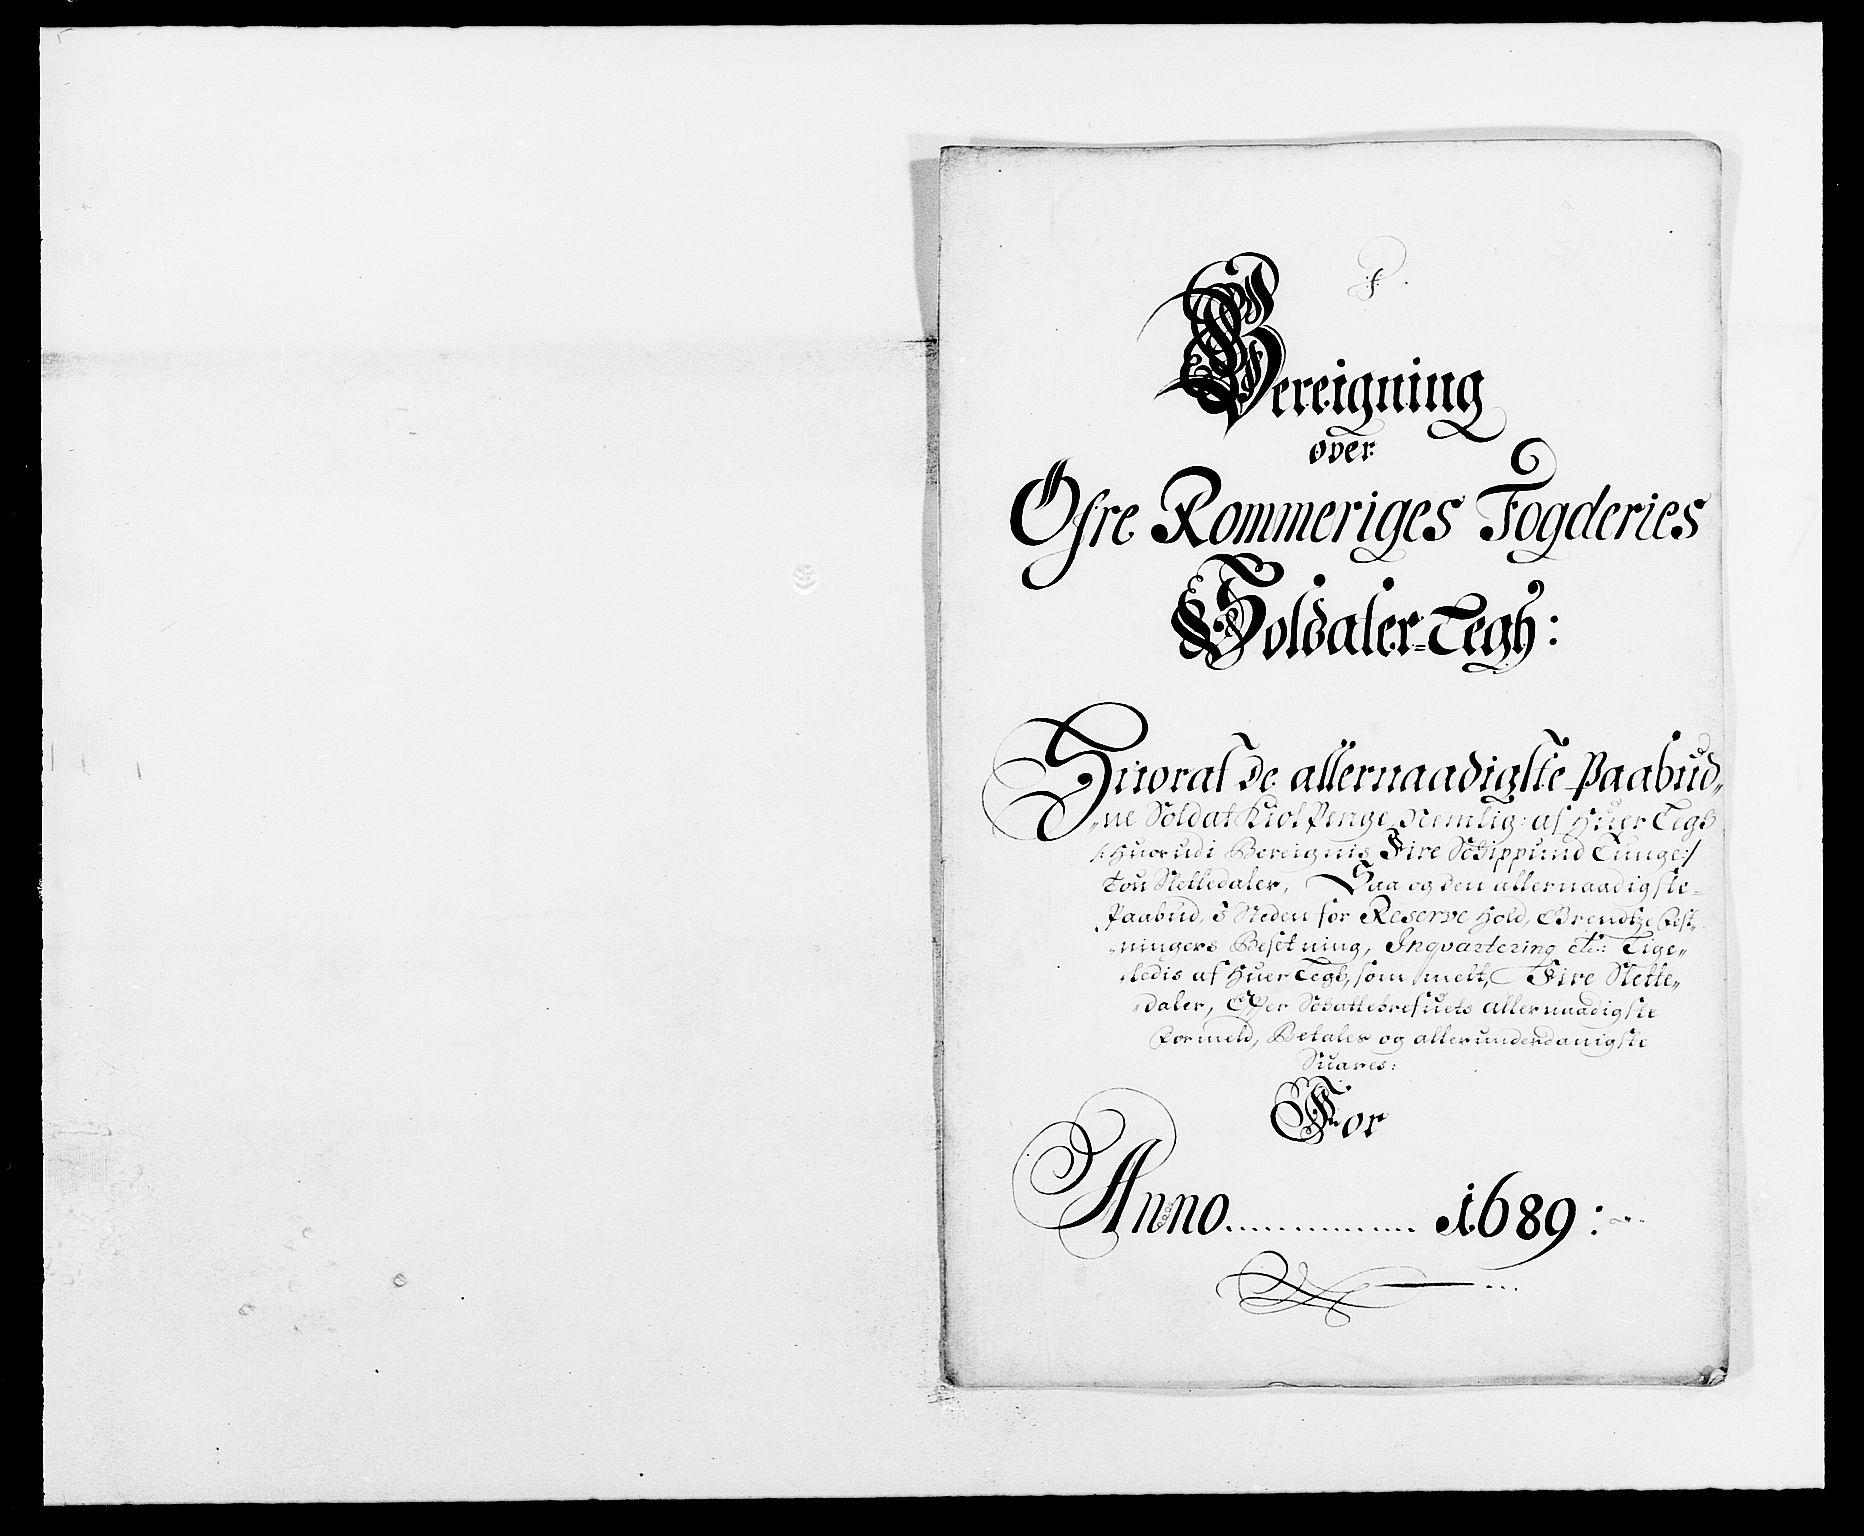 RA, Rentekammeret inntil 1814, Reviderte regnskaper, Fogderegnskap, R12/L0701: Fogderegnskap Øvre Romerike, 1689, s. 179